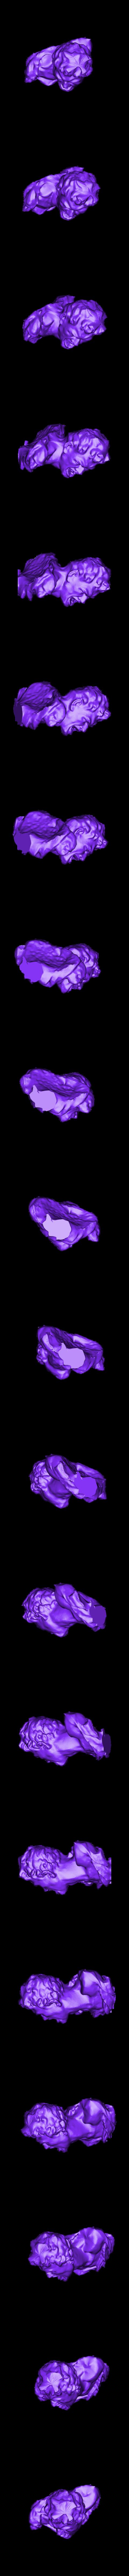 Marsyas_.stl Télécharger fichier STL gratuit Marsyas • Modèle pour impression 3D, metmuseum